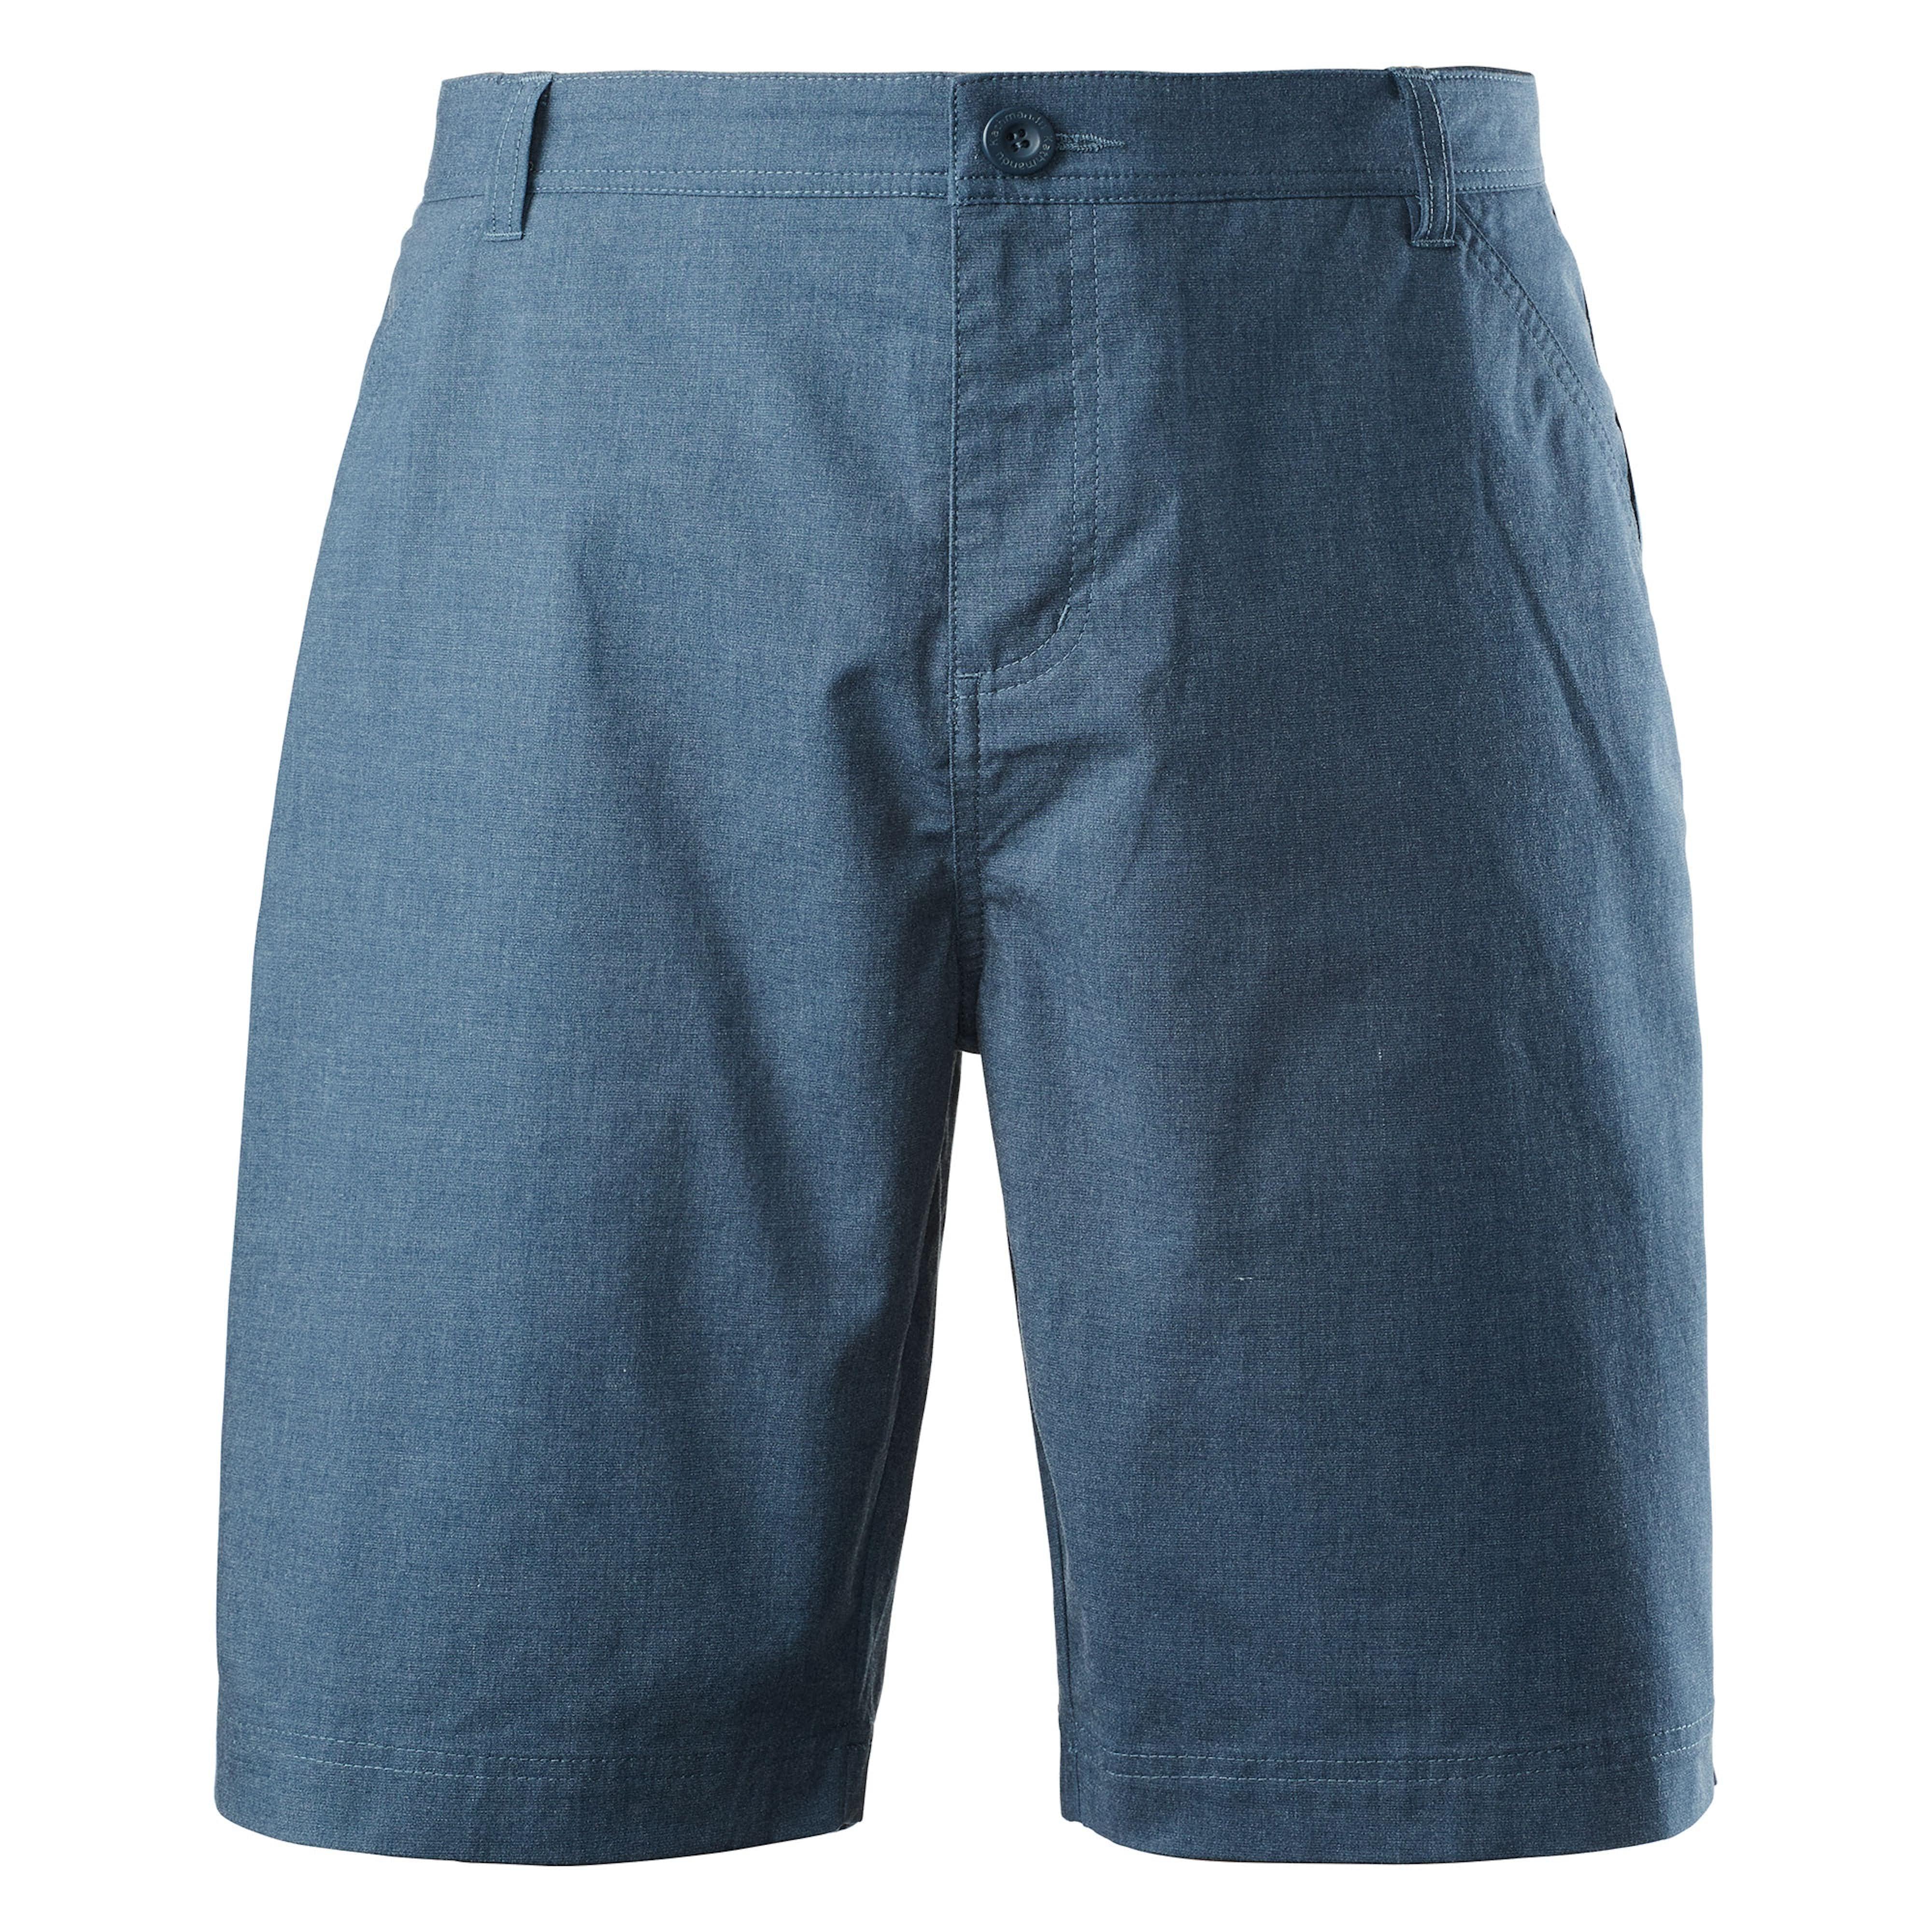 34d0175900c7 Flaxton Shorts Men. Flaxton Men s Shorts